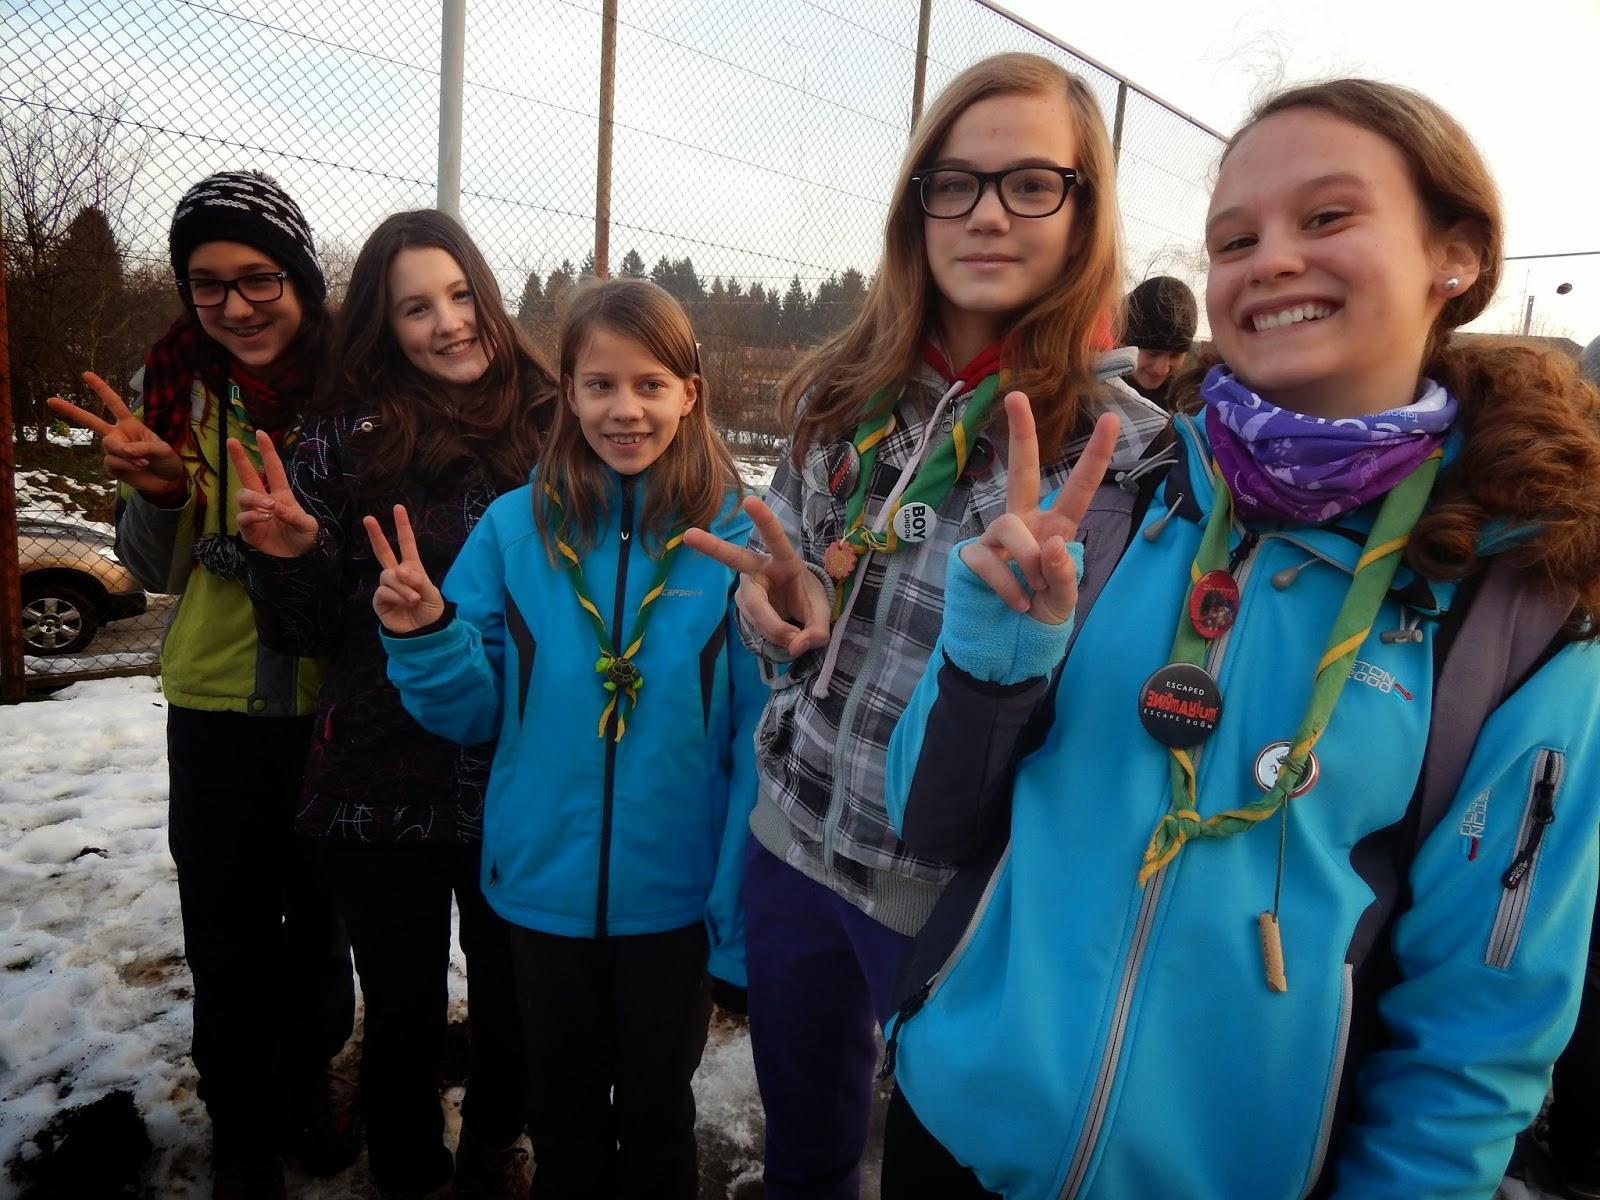 Glas svobodne jelovice, Rateče, 10.1.2015 - DSCN2365.JPG